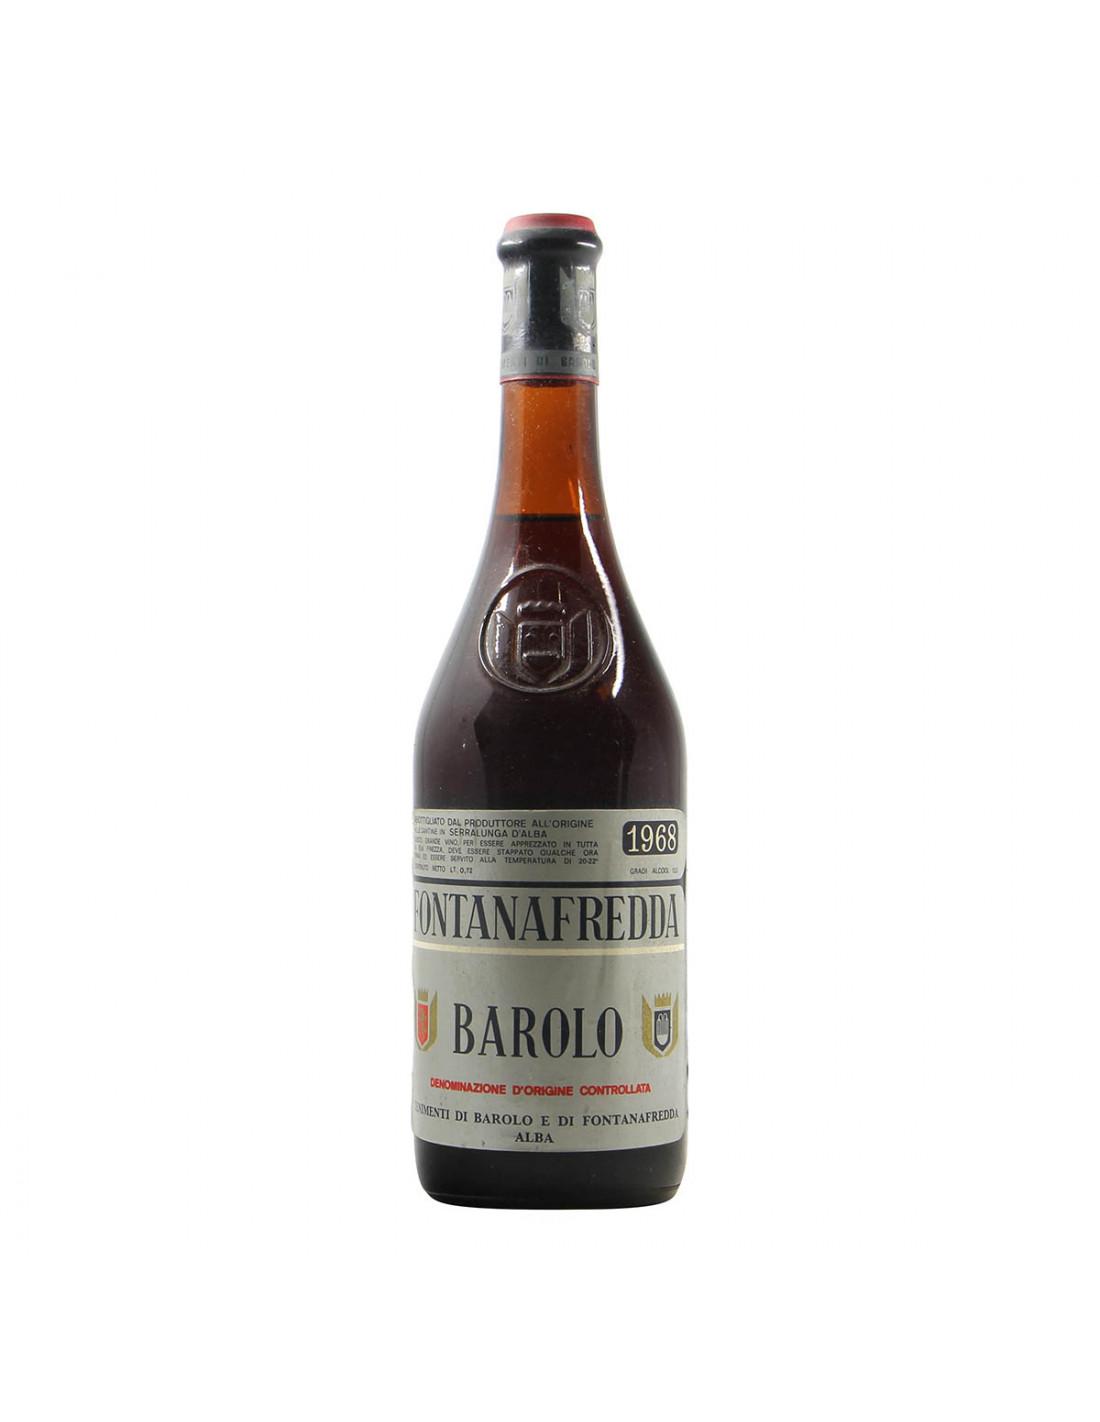 Fontanafredda Barolo Clear Color 1968 Grandi Bottiglie